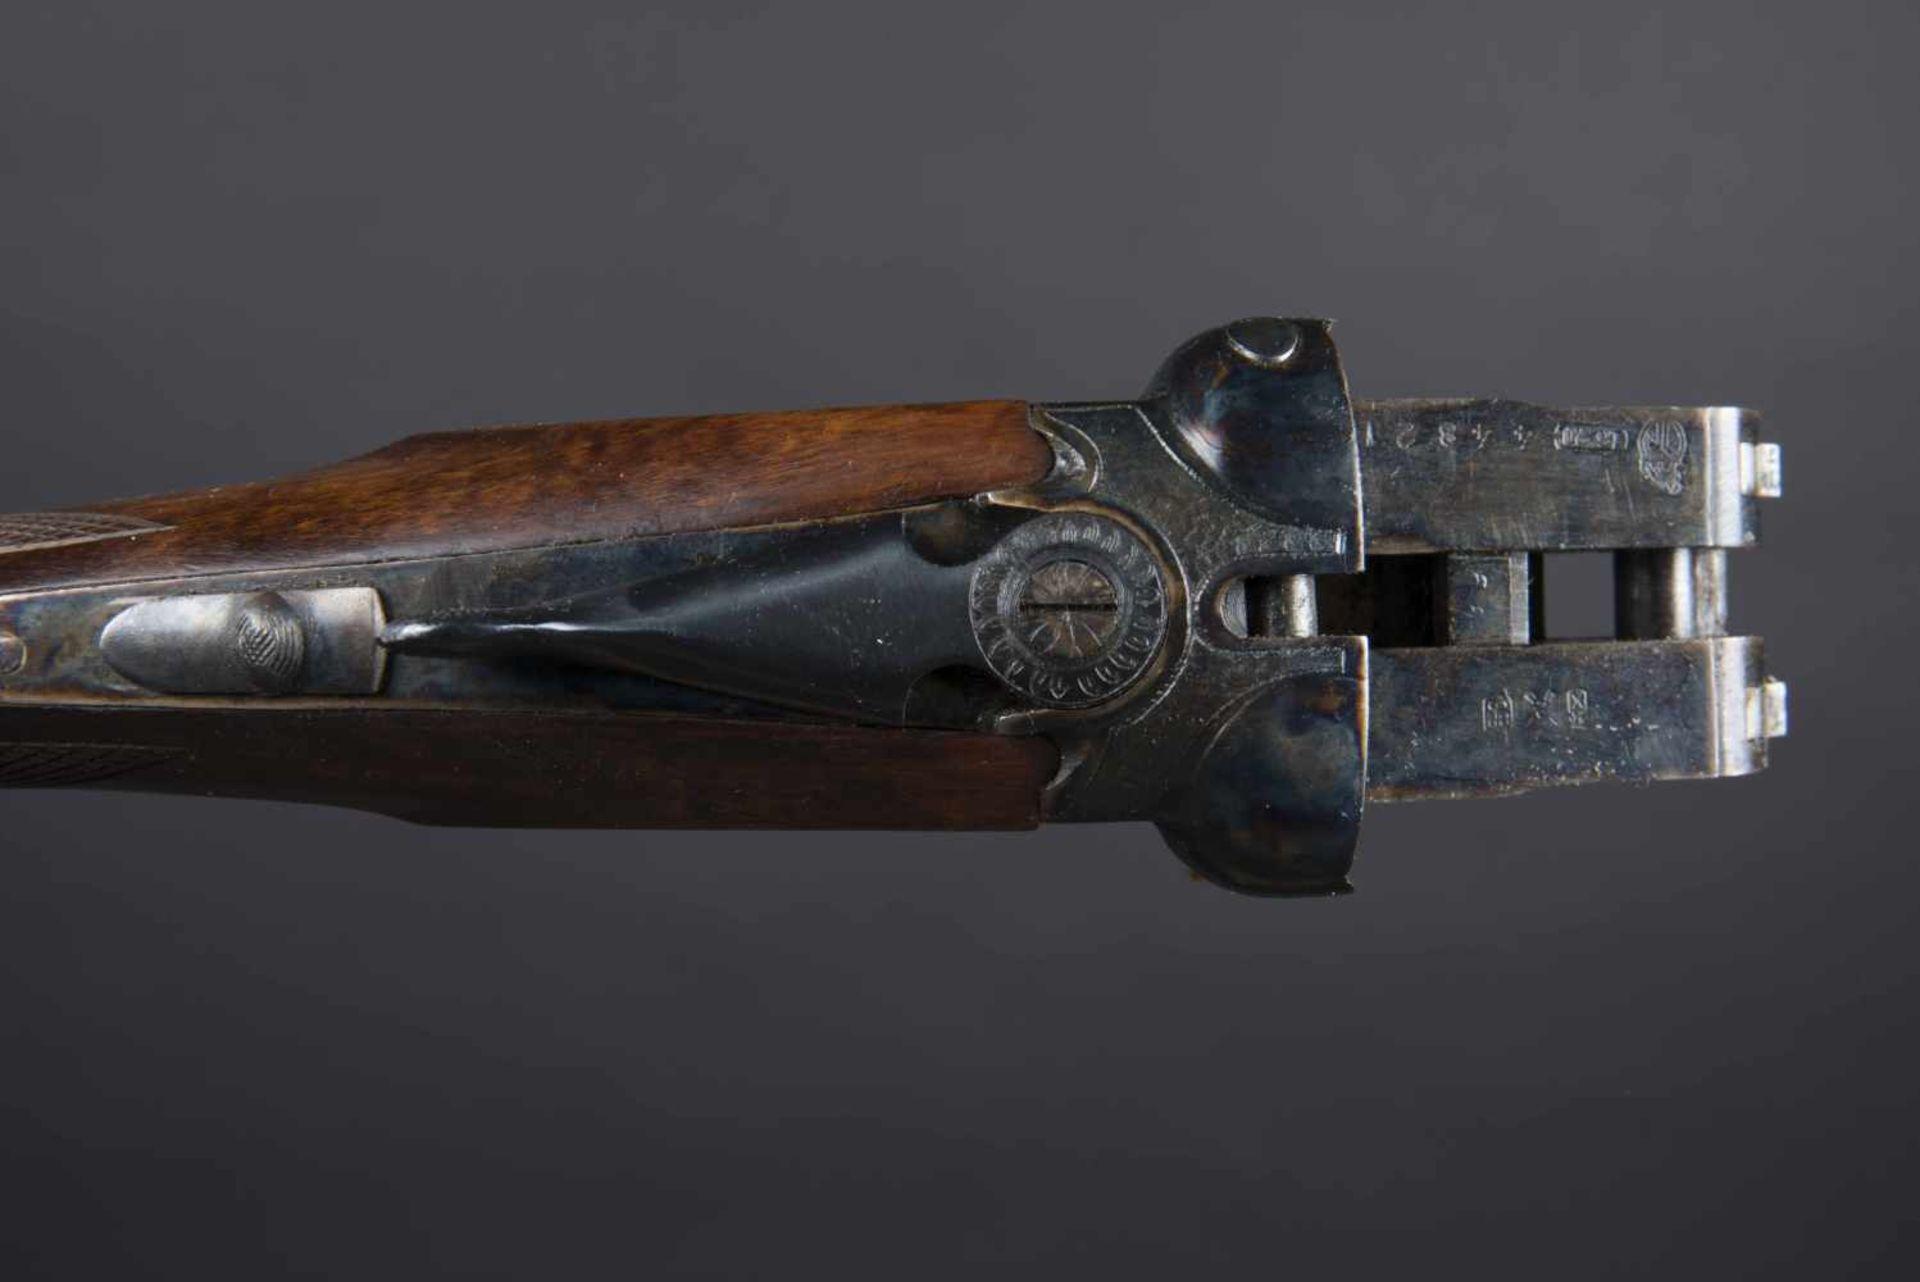 Fusil Spain Aguire Catégorie C Calibre 16/70, numéro 448216, dans sa boite d'origine jamais monté. - Bild 2 aus 2